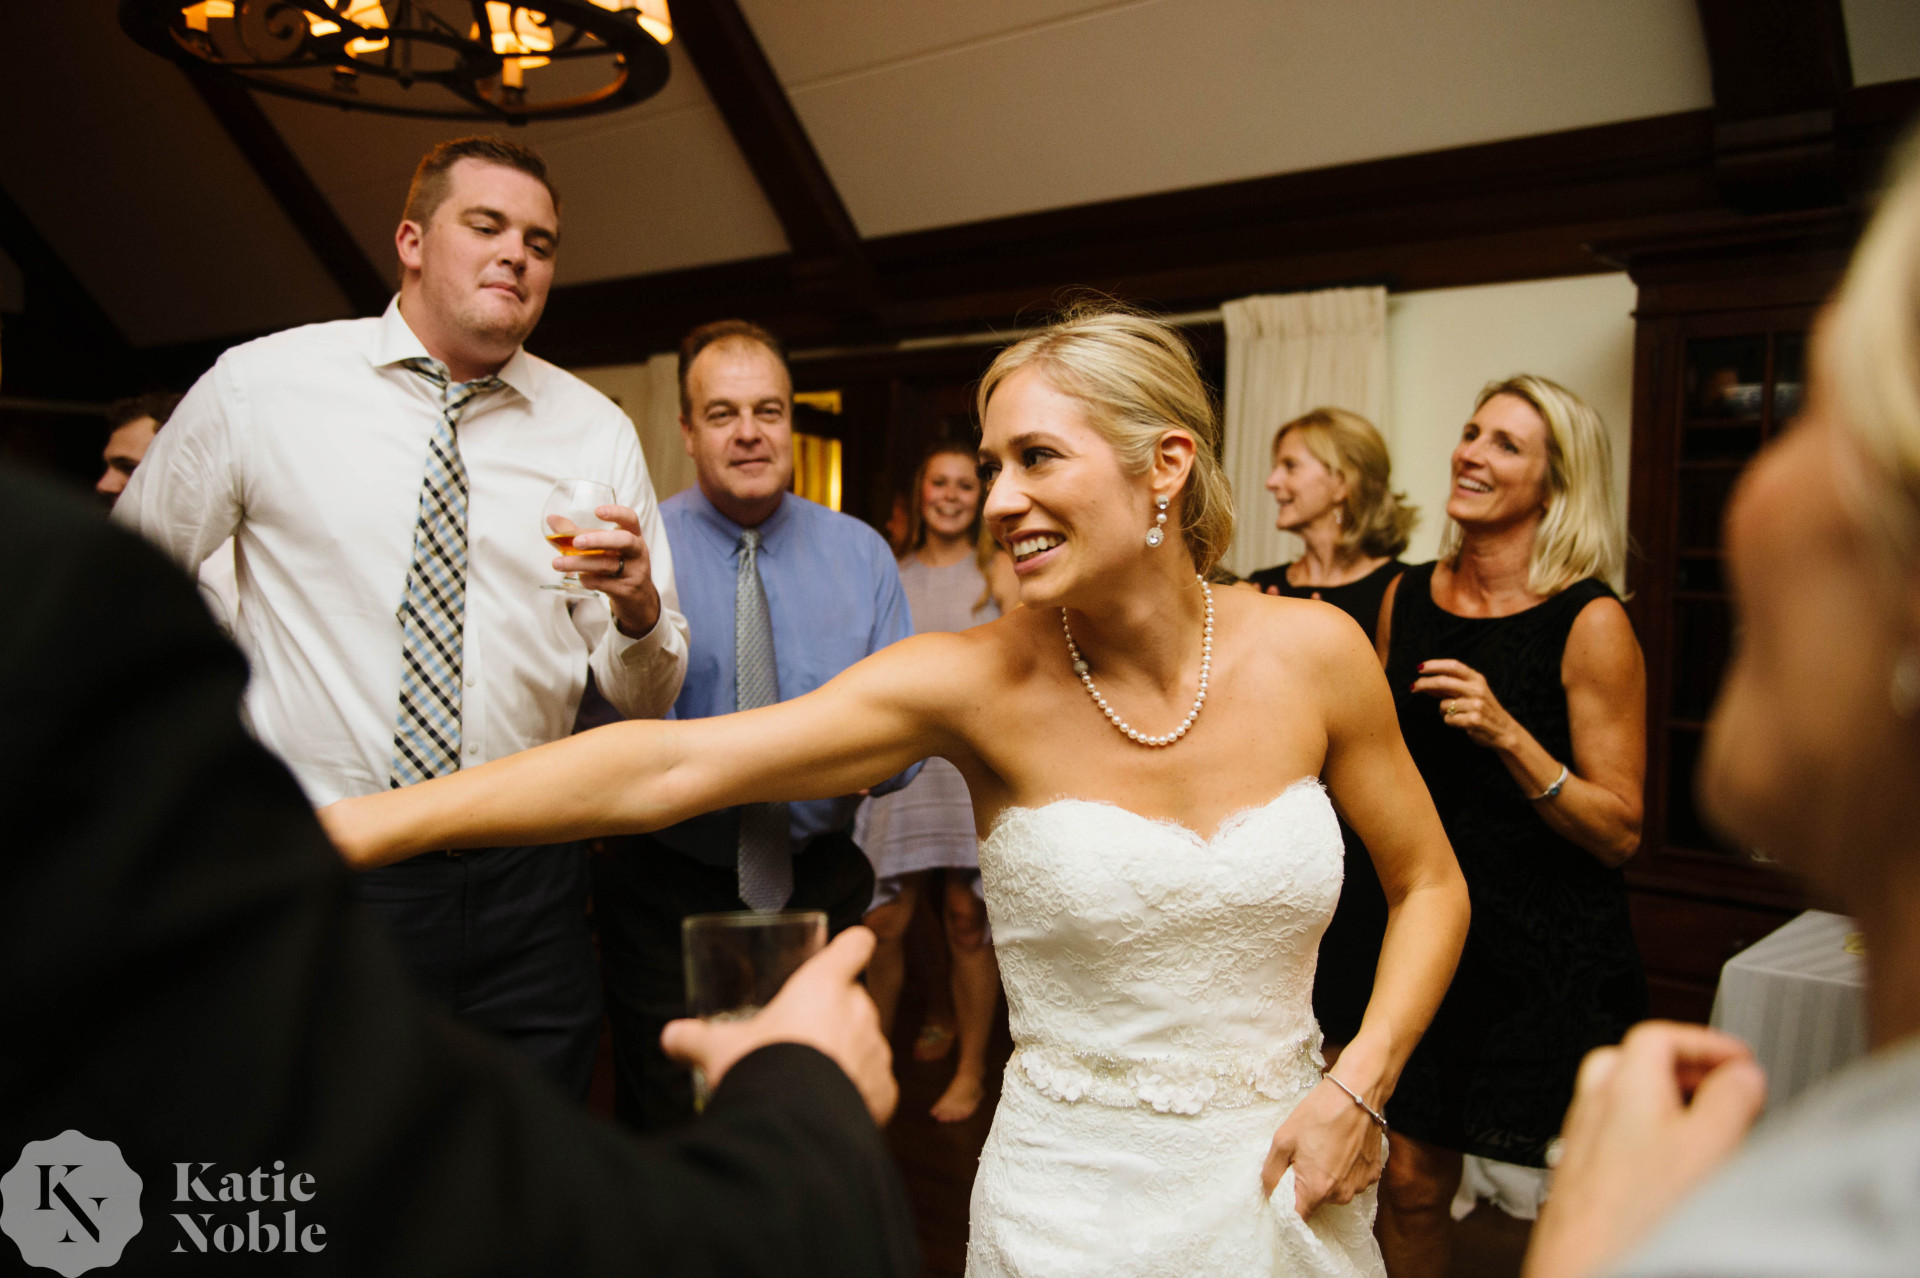 katie-noble-weddings-10